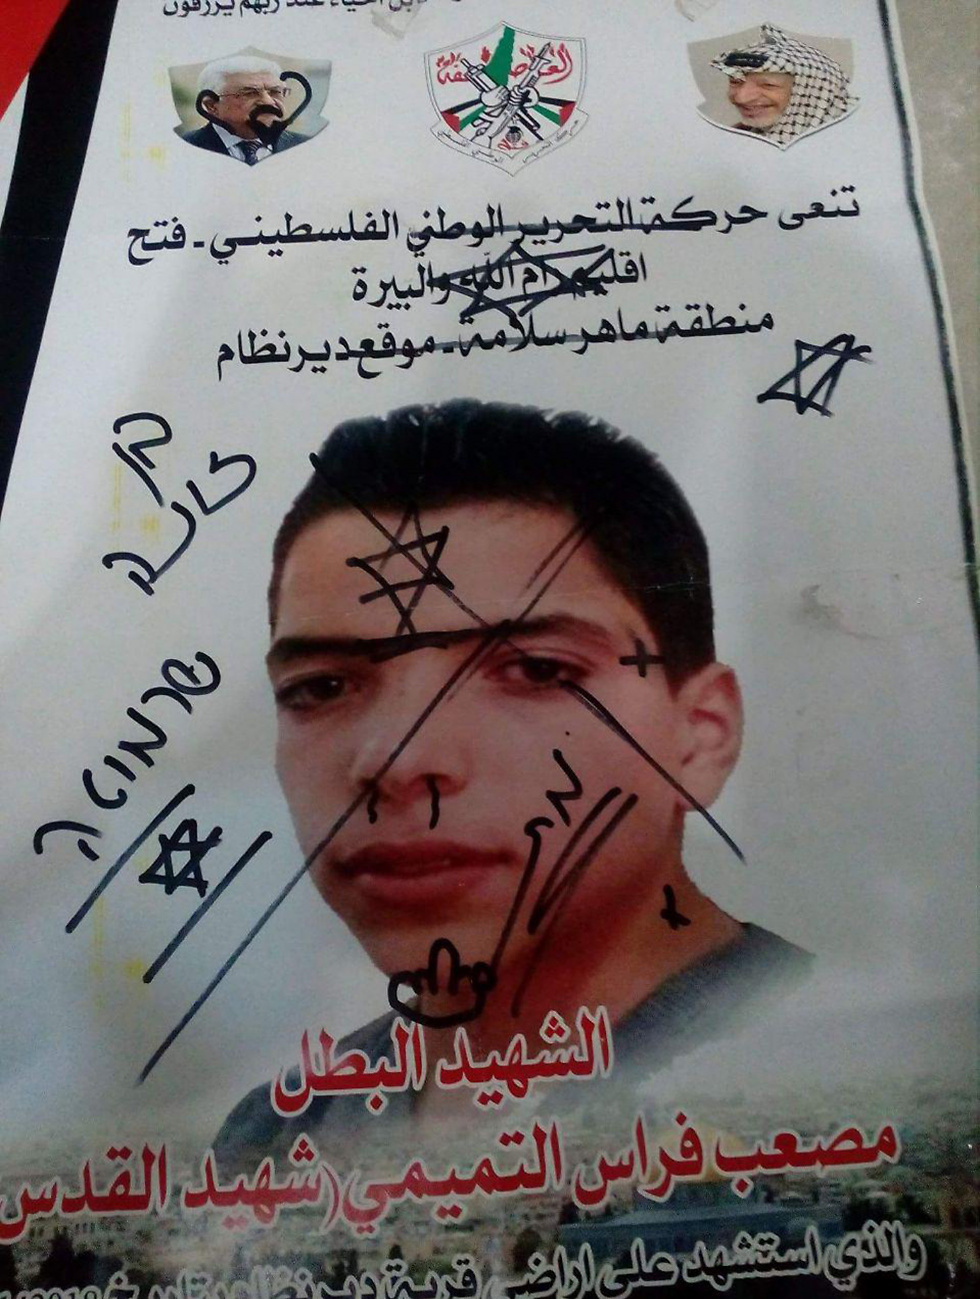 Tamimi's vandalized poster